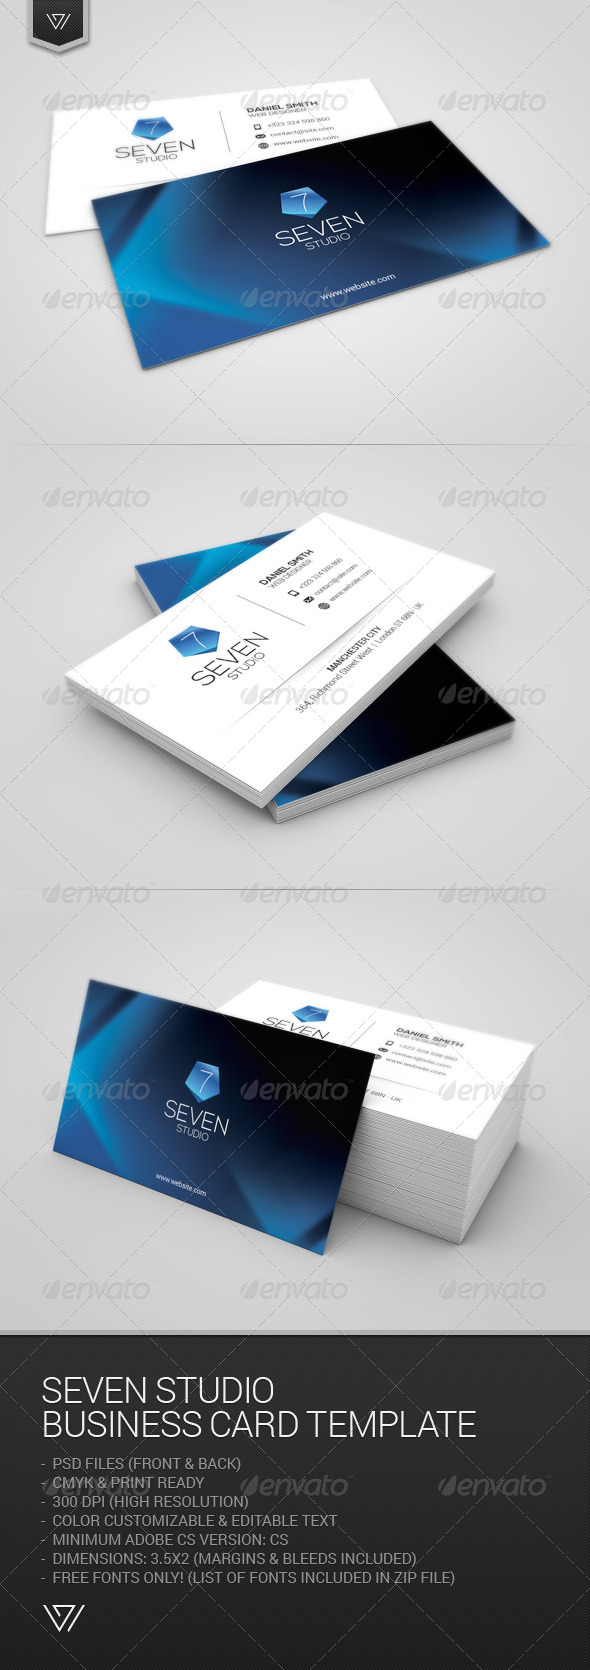 GraphicRiver Seven Studio Business Card 7702642